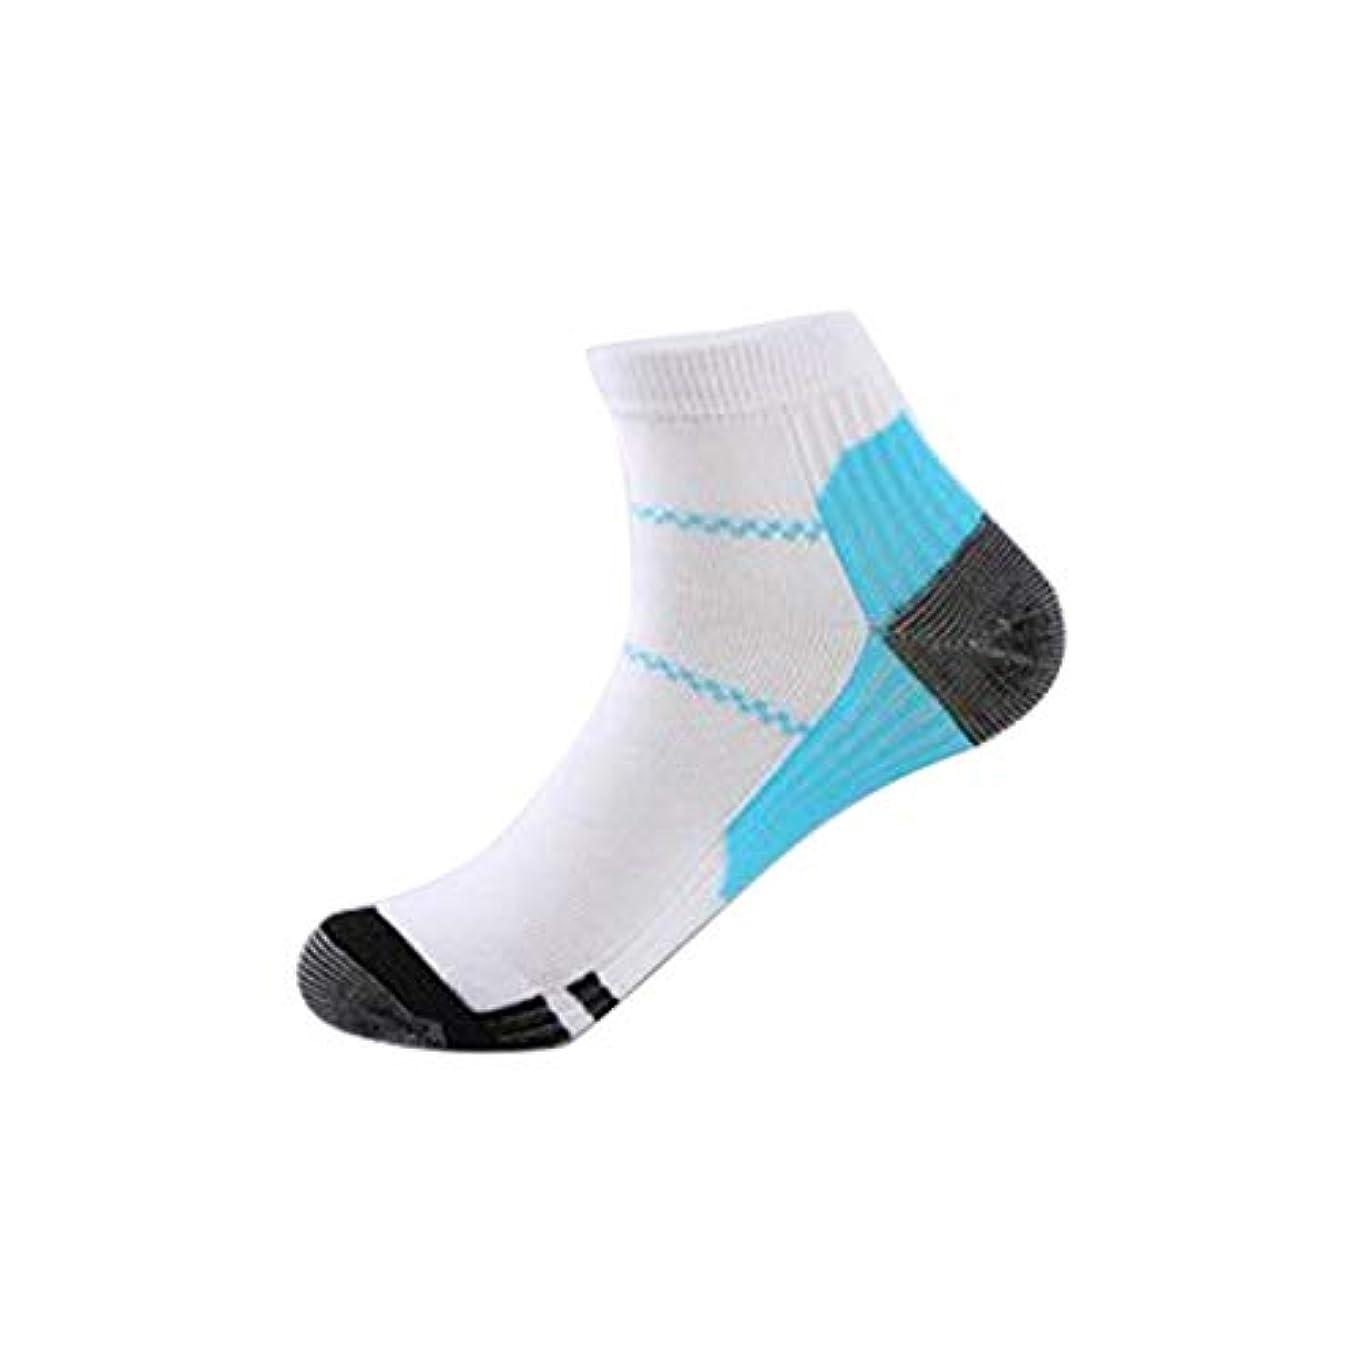 トレッドバングラデシュスリーブ丈夫な男性女性プロの圧縮靴下通気性のある旅行活動看護師用シントスプリントフライトトラベル - 肌色